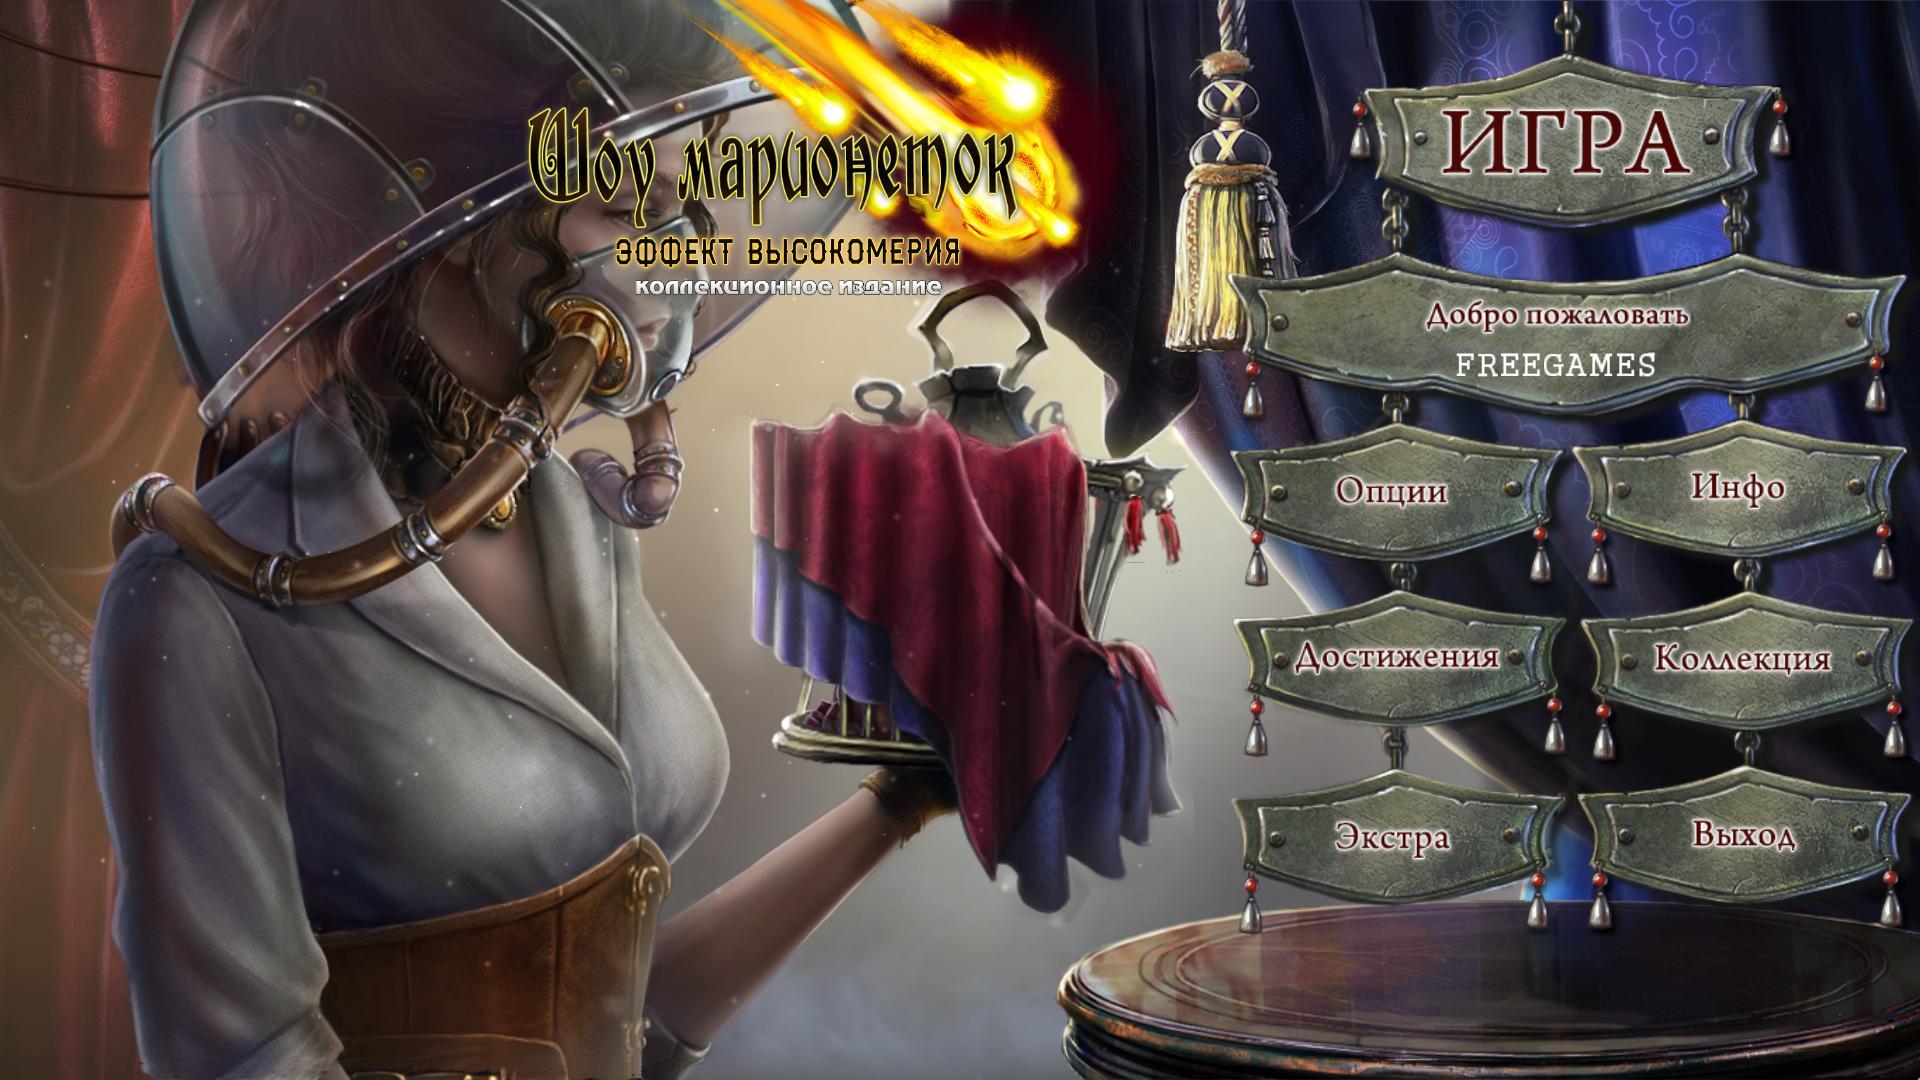 Шоу марионеток 11: Эффект высокомерия. Коллекционное издание | PuppetShow 11: Arrogance Effect CE (Rus)